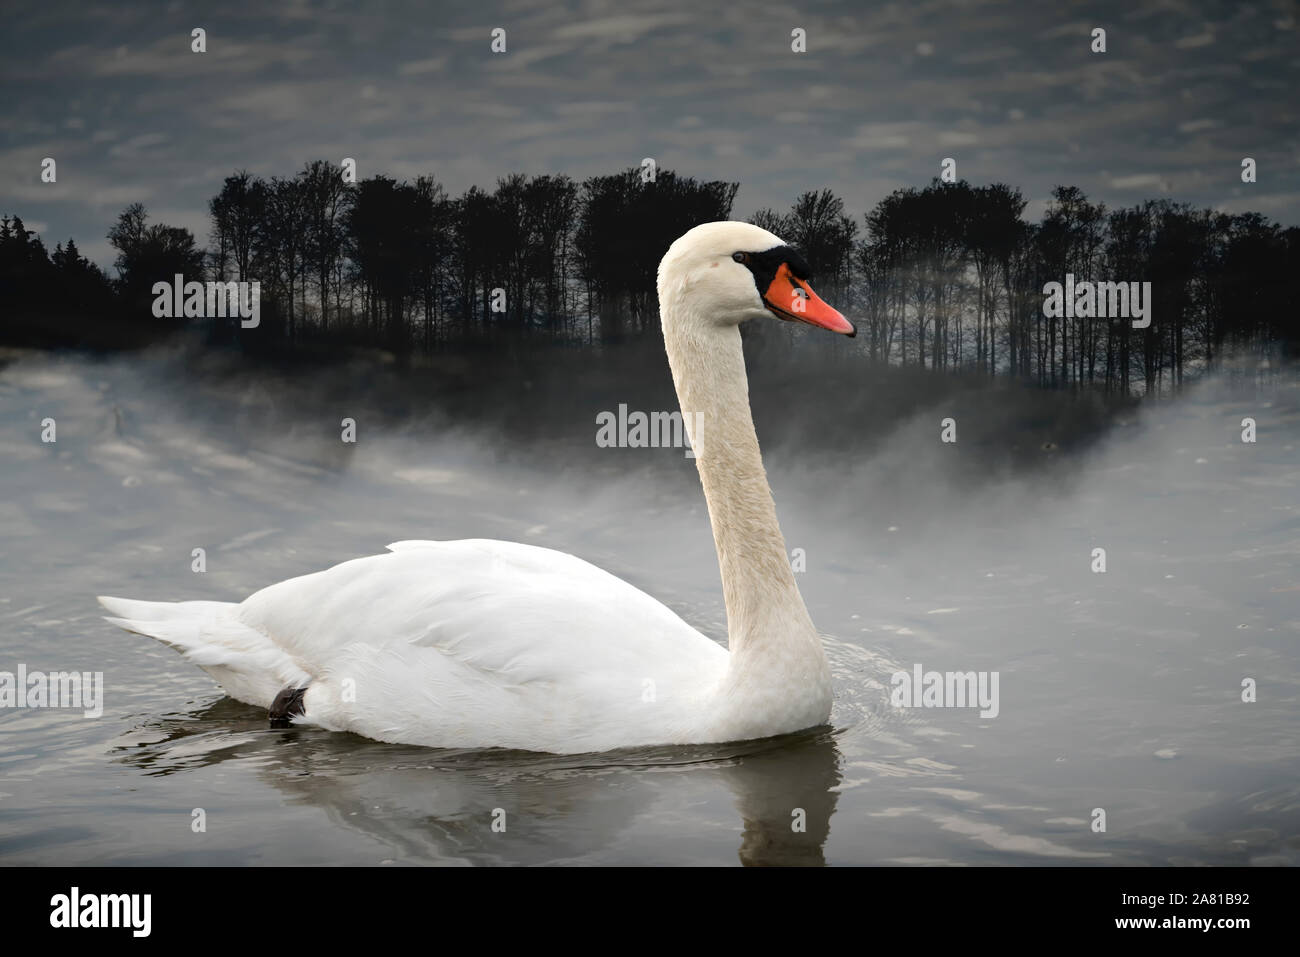 Un cisne en el río Weser, digitalmente, el Weser Uplands, Weserbergland, Hesse, Alemania Foto de stock